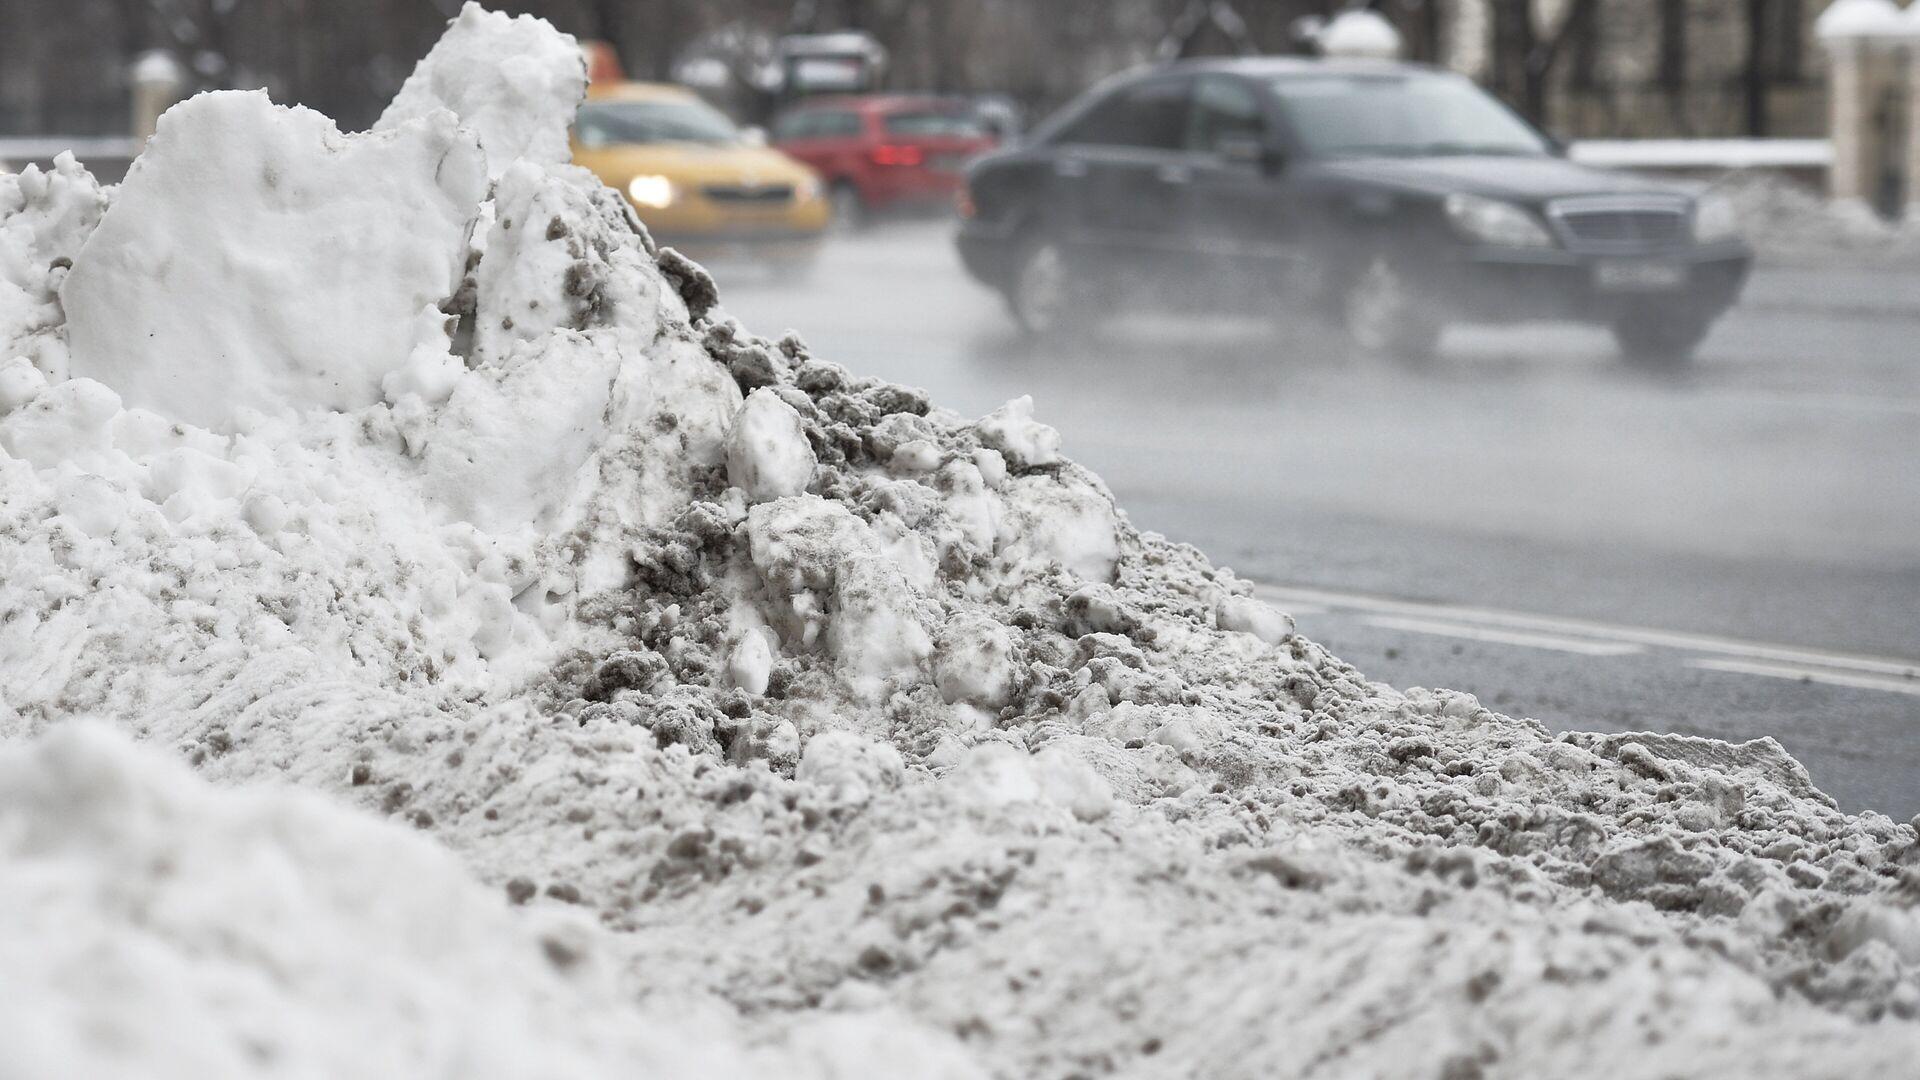 Сугробы снега на одной из улиц Москвы, образовавшиеся после сильного снегопада - РИА Новости, 1920, 28.02.2021